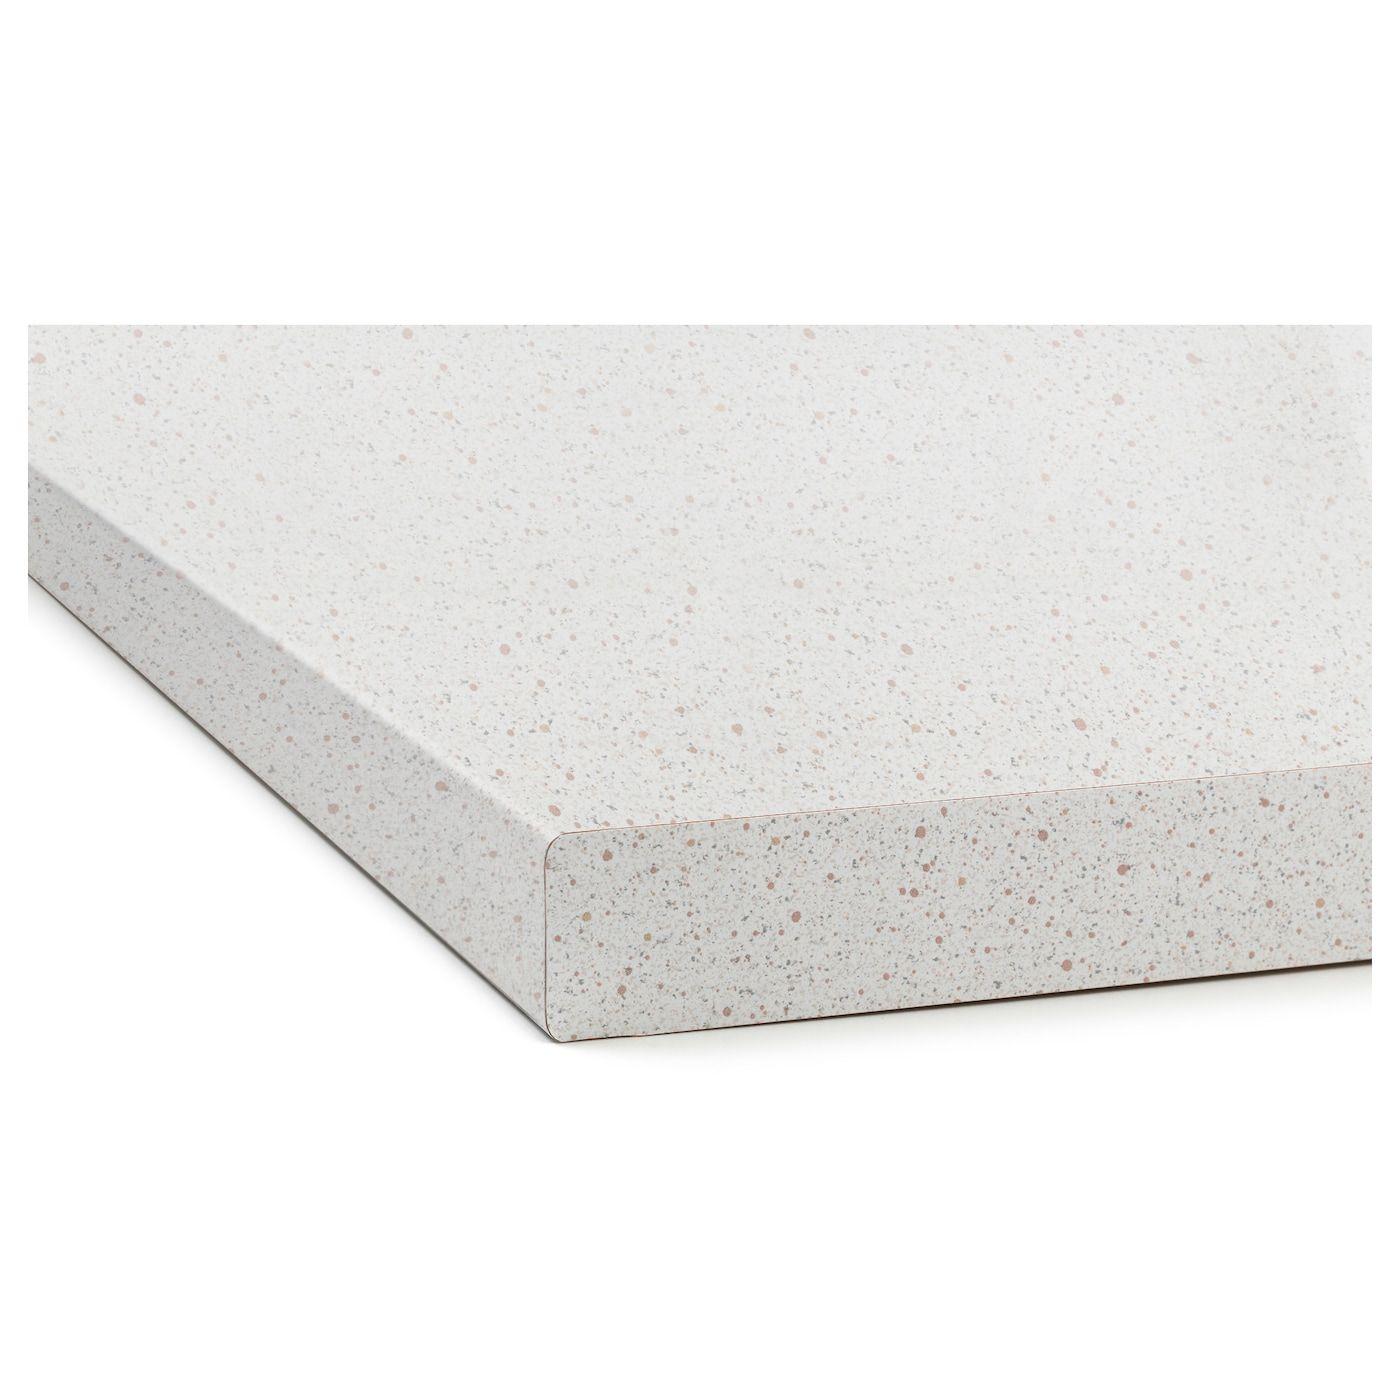 Plan De Travail Laminé sÄljan plan de travail - blanc motif pierre, stratifié 186x3